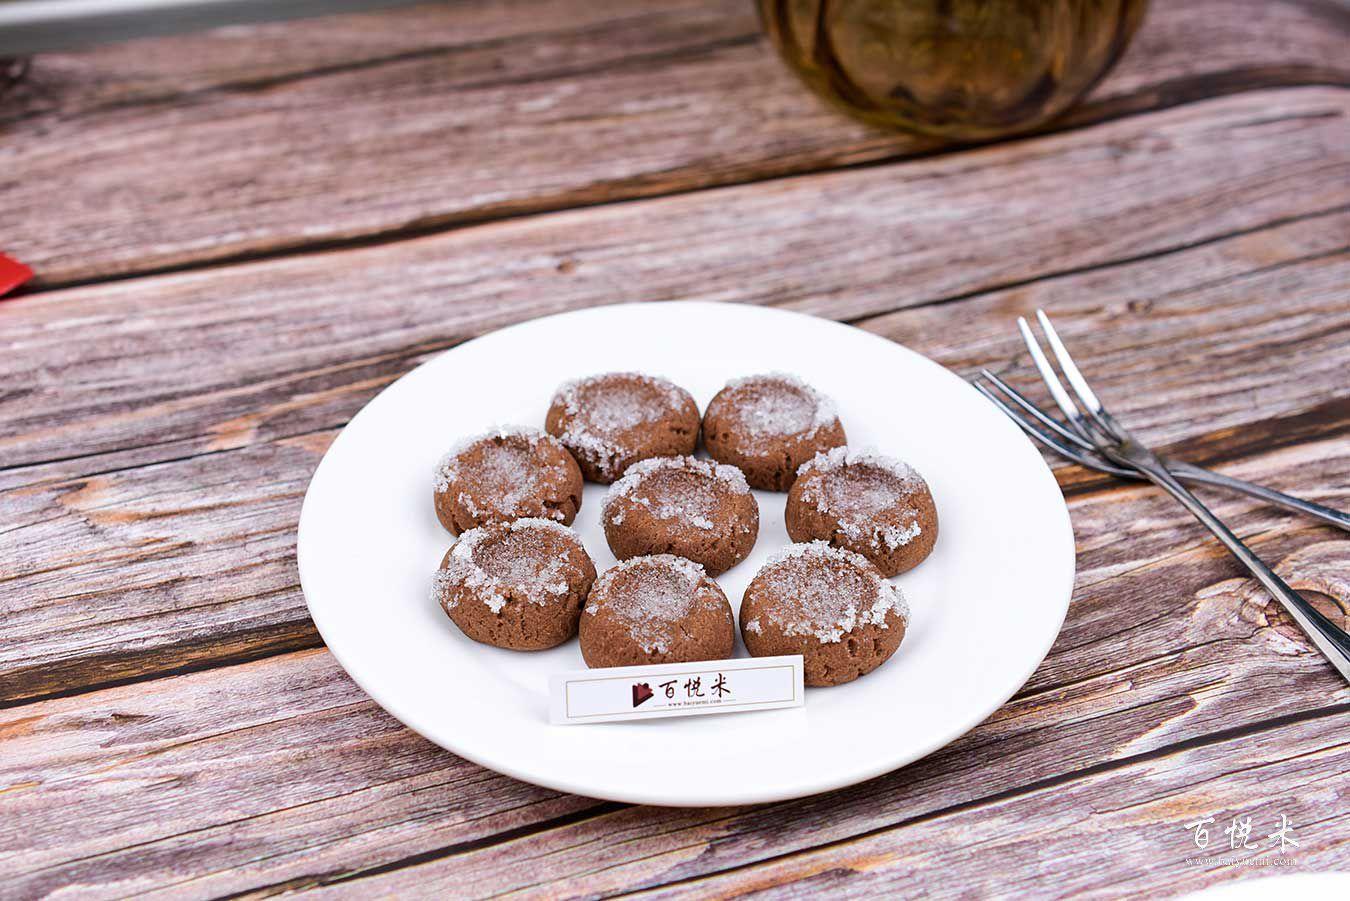 巧克力饼干高清图片大全【蛋糕图片】_554